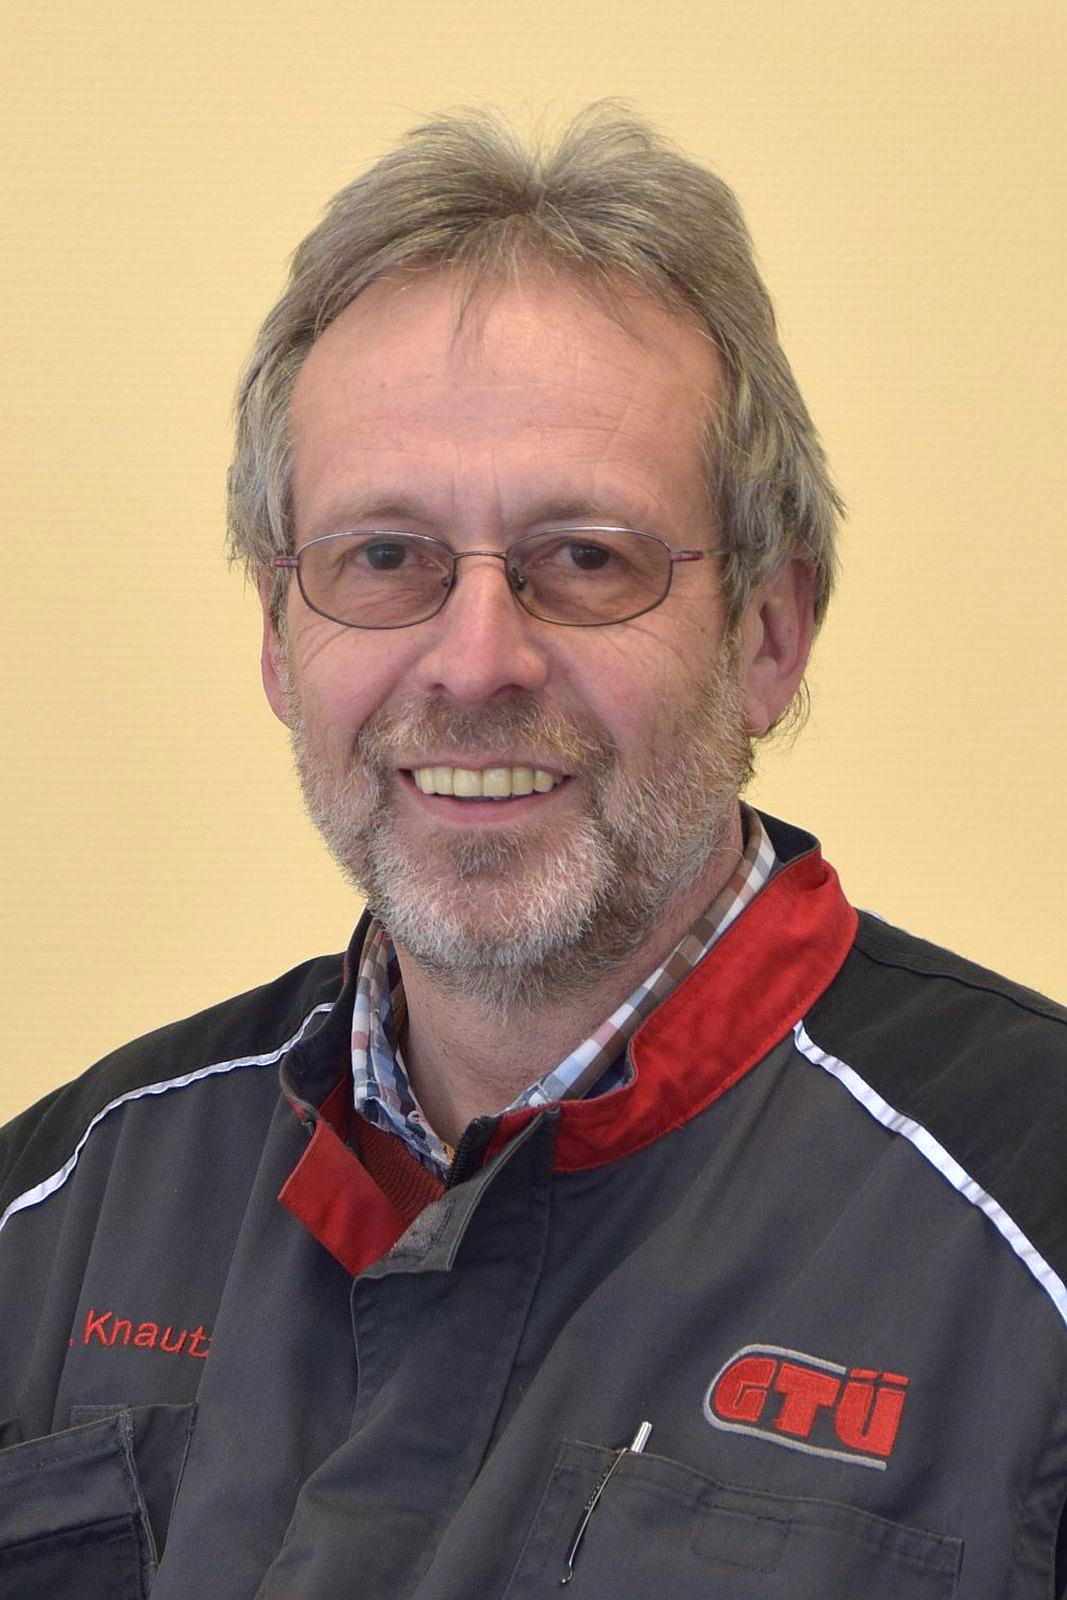 Mitarbeiter Joachim Knautz